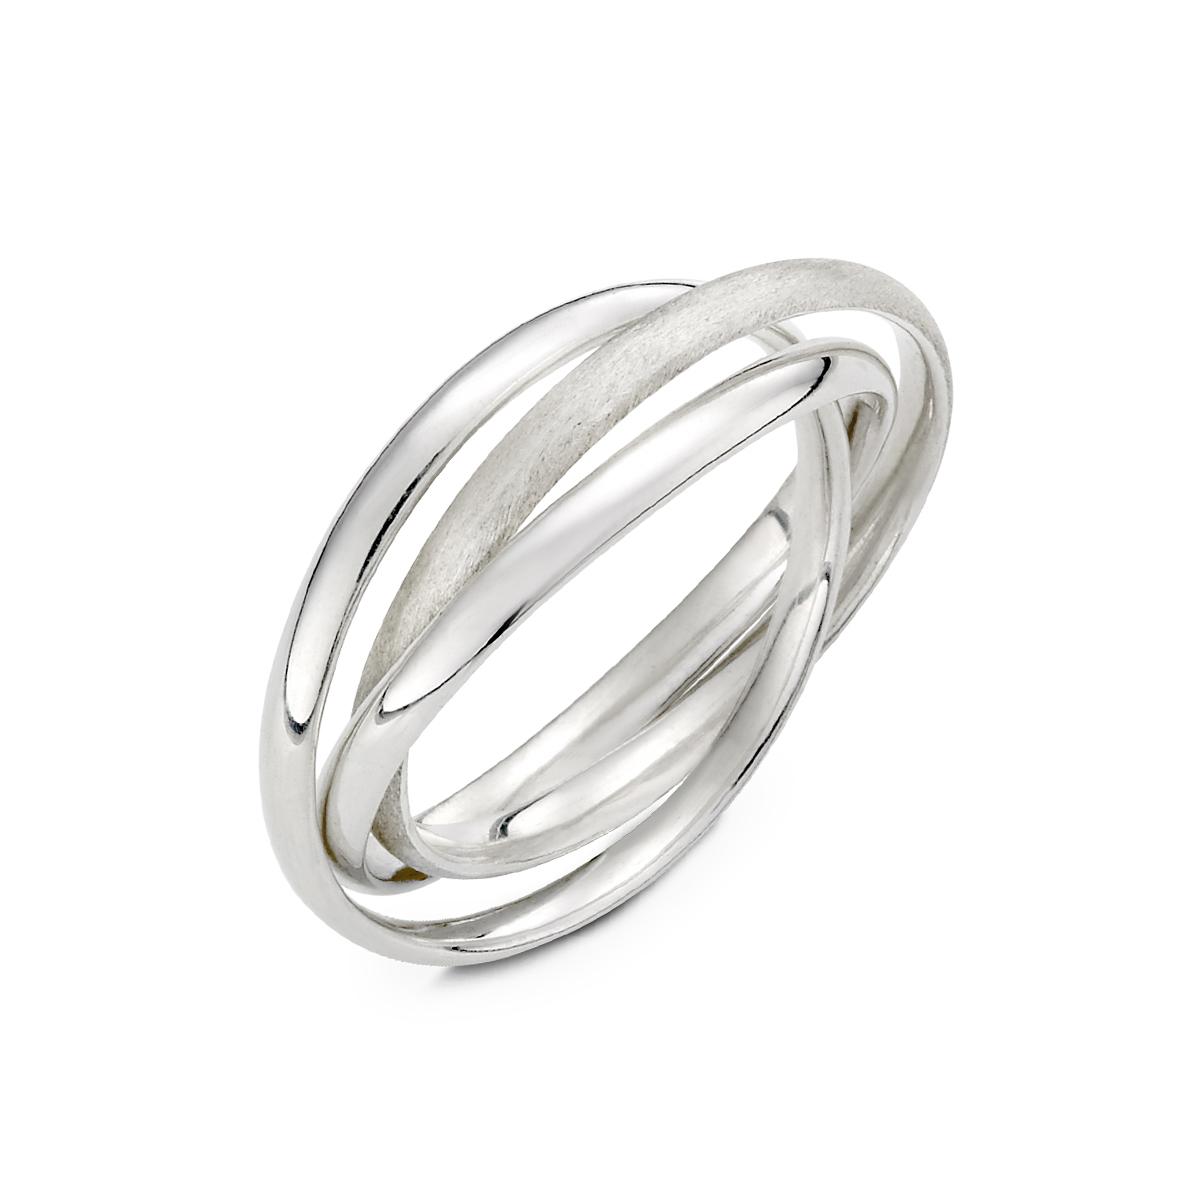 KSM120 我們的特殊意義三環戒指